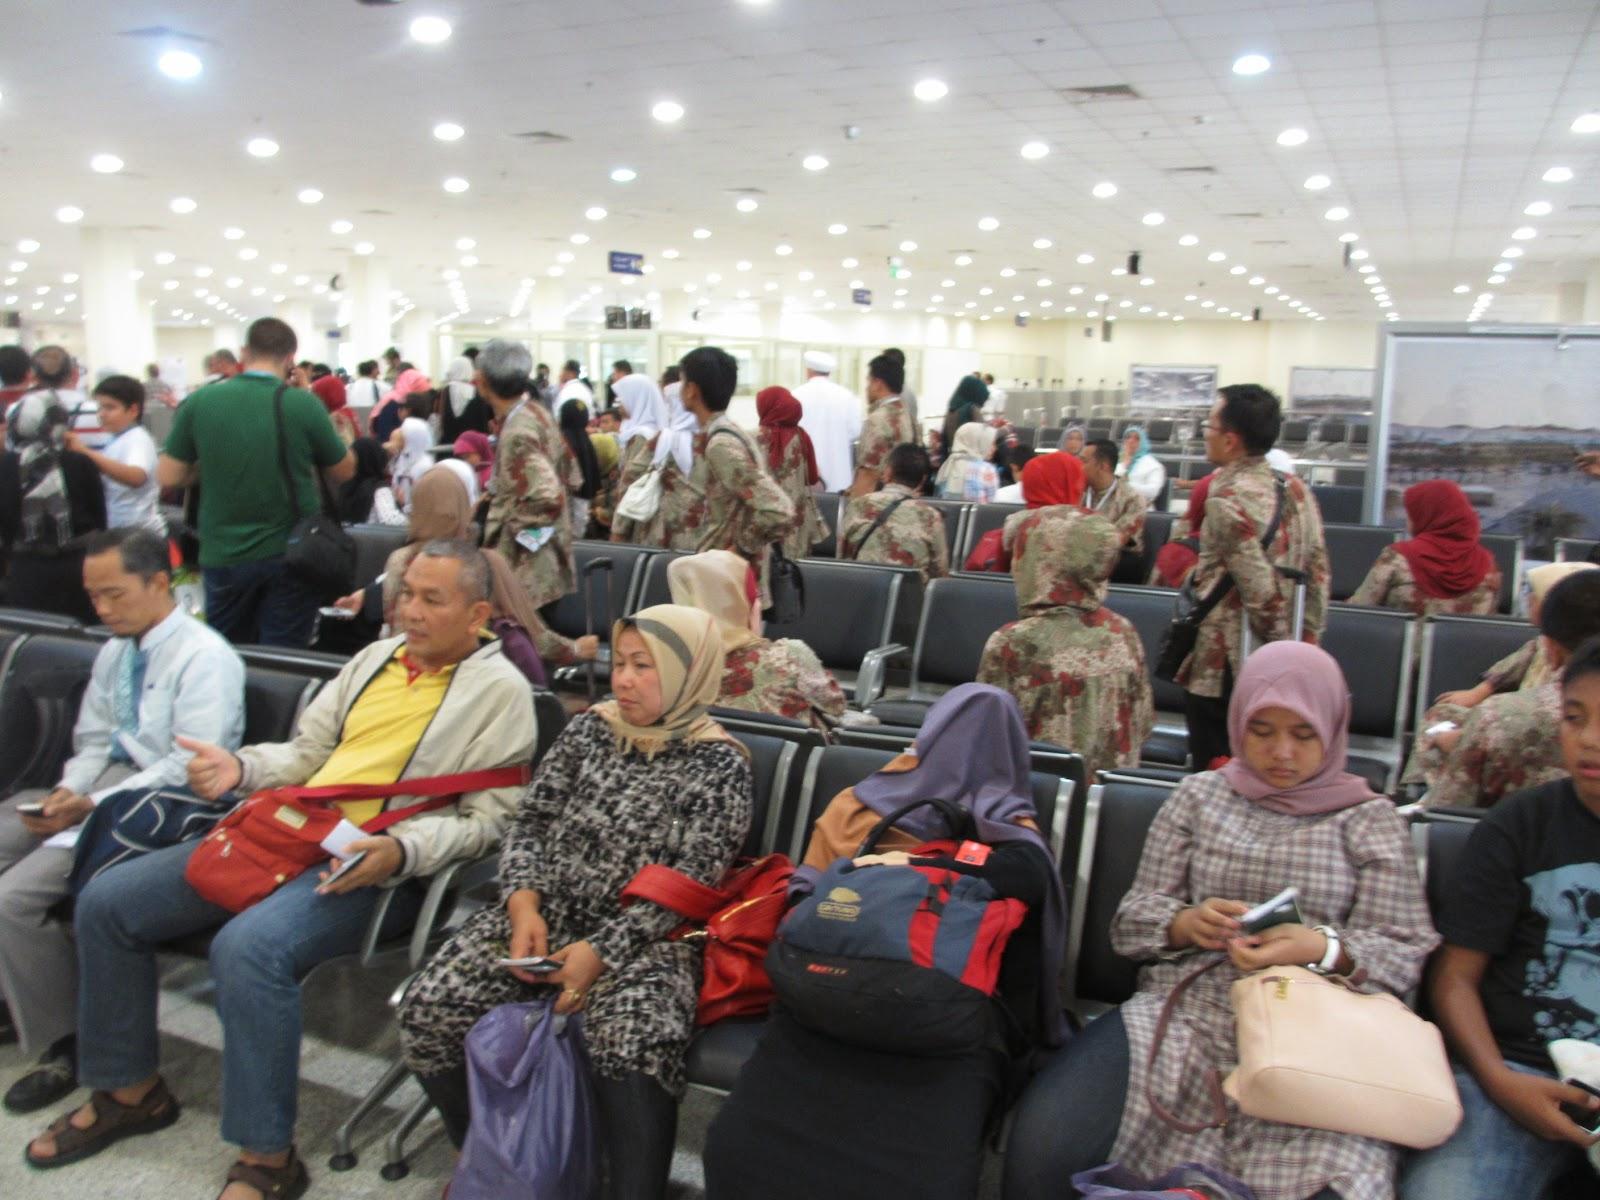 Travel Umroh Januari 2015 Terbaik Bagus dan Terpercaya di Jakarta Selatan